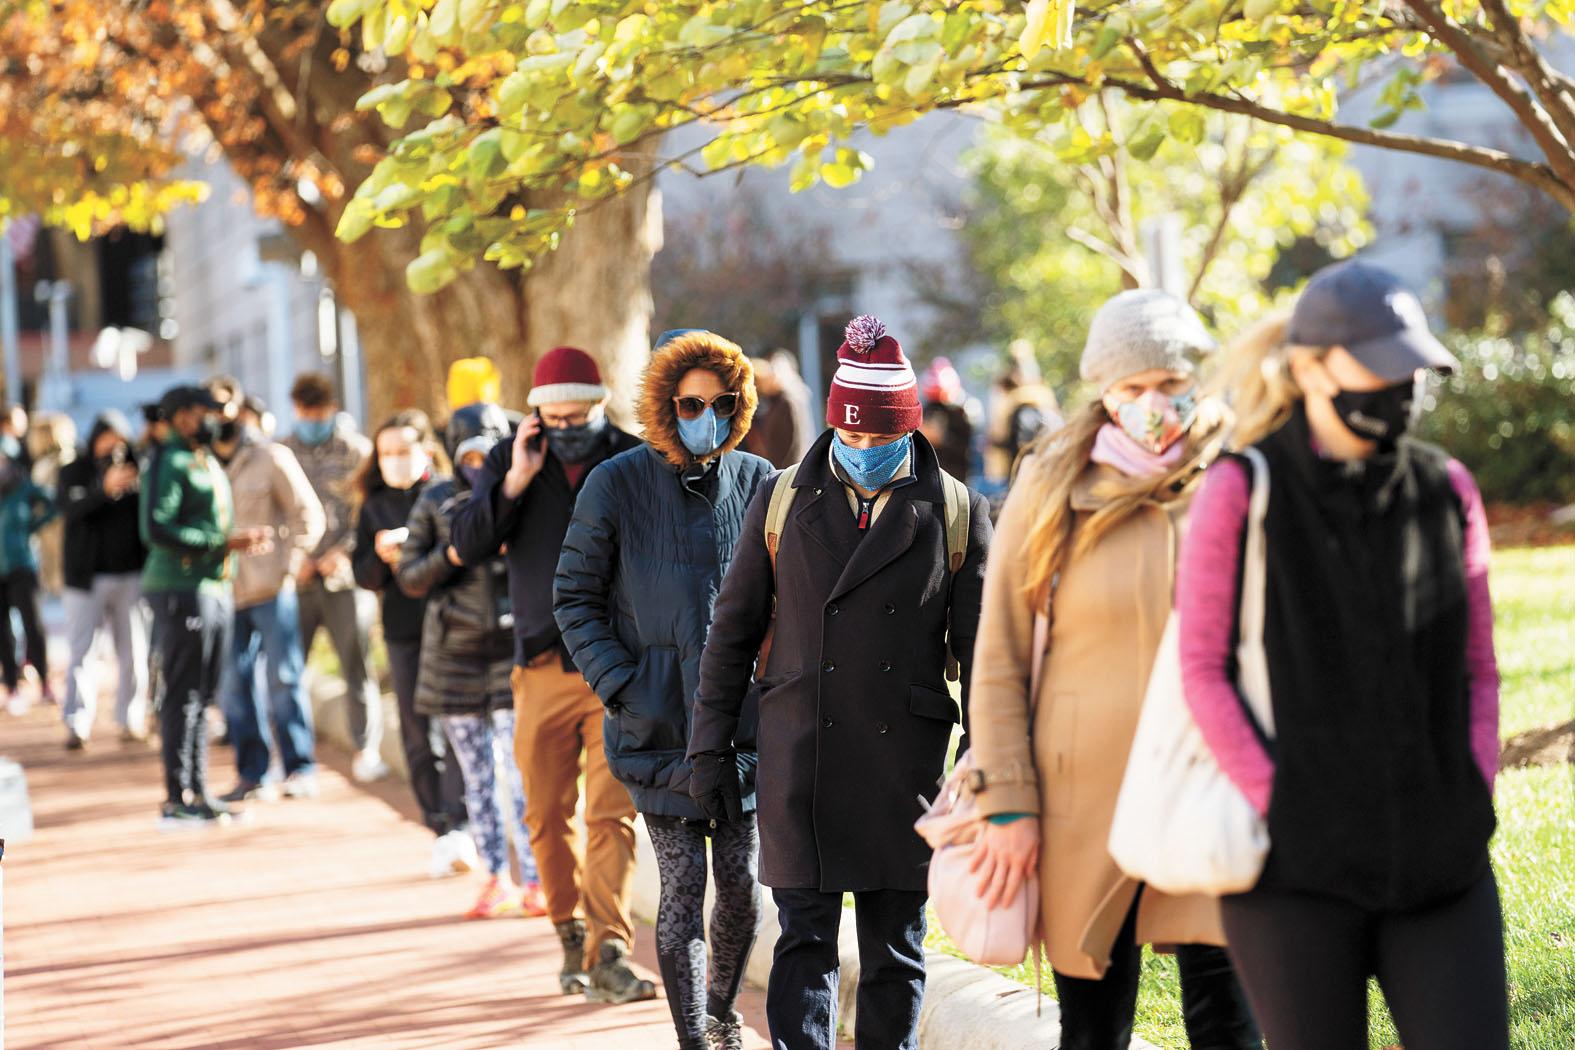 感恩節假期臨近,美國新冠疫情防疫壓力驟增。圖為民眾23日在華盛頓一處新冠病毒檢測點排隊等候檢測。 新華社